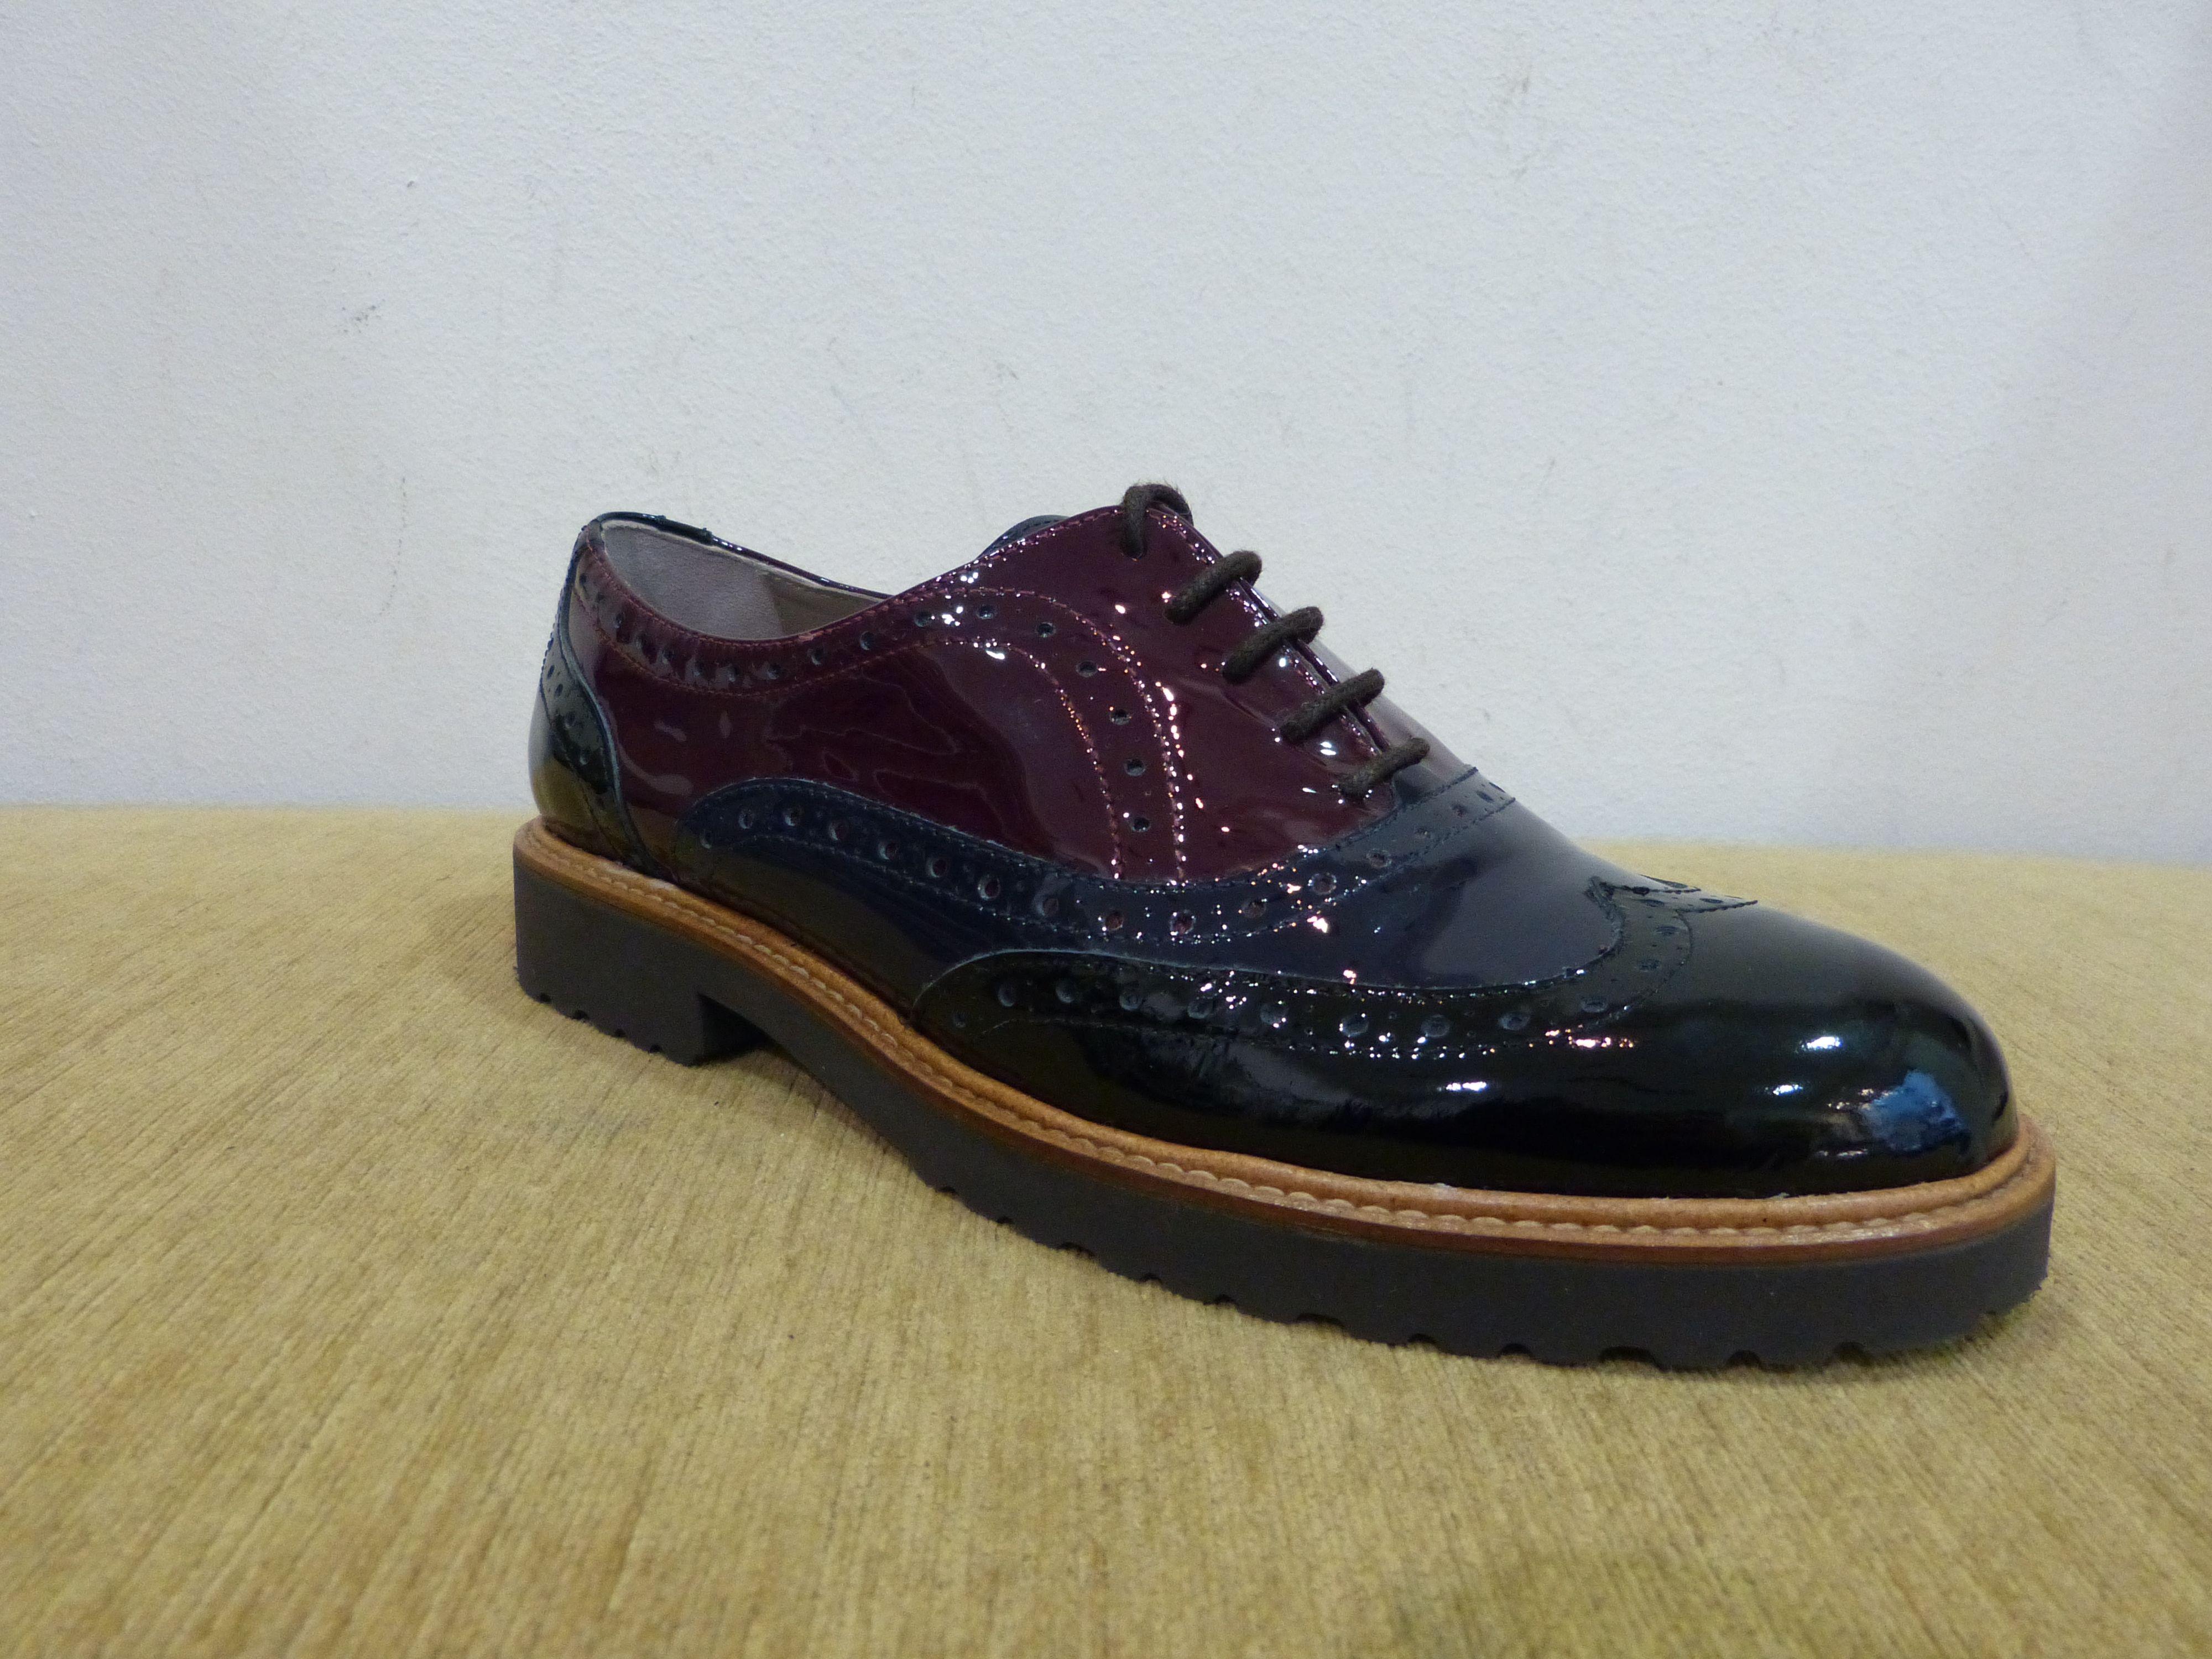 ¡Las rebajas de invierno ya están en Ocre! Disfruta de la mayor calidad en zapatos al mejor precio.